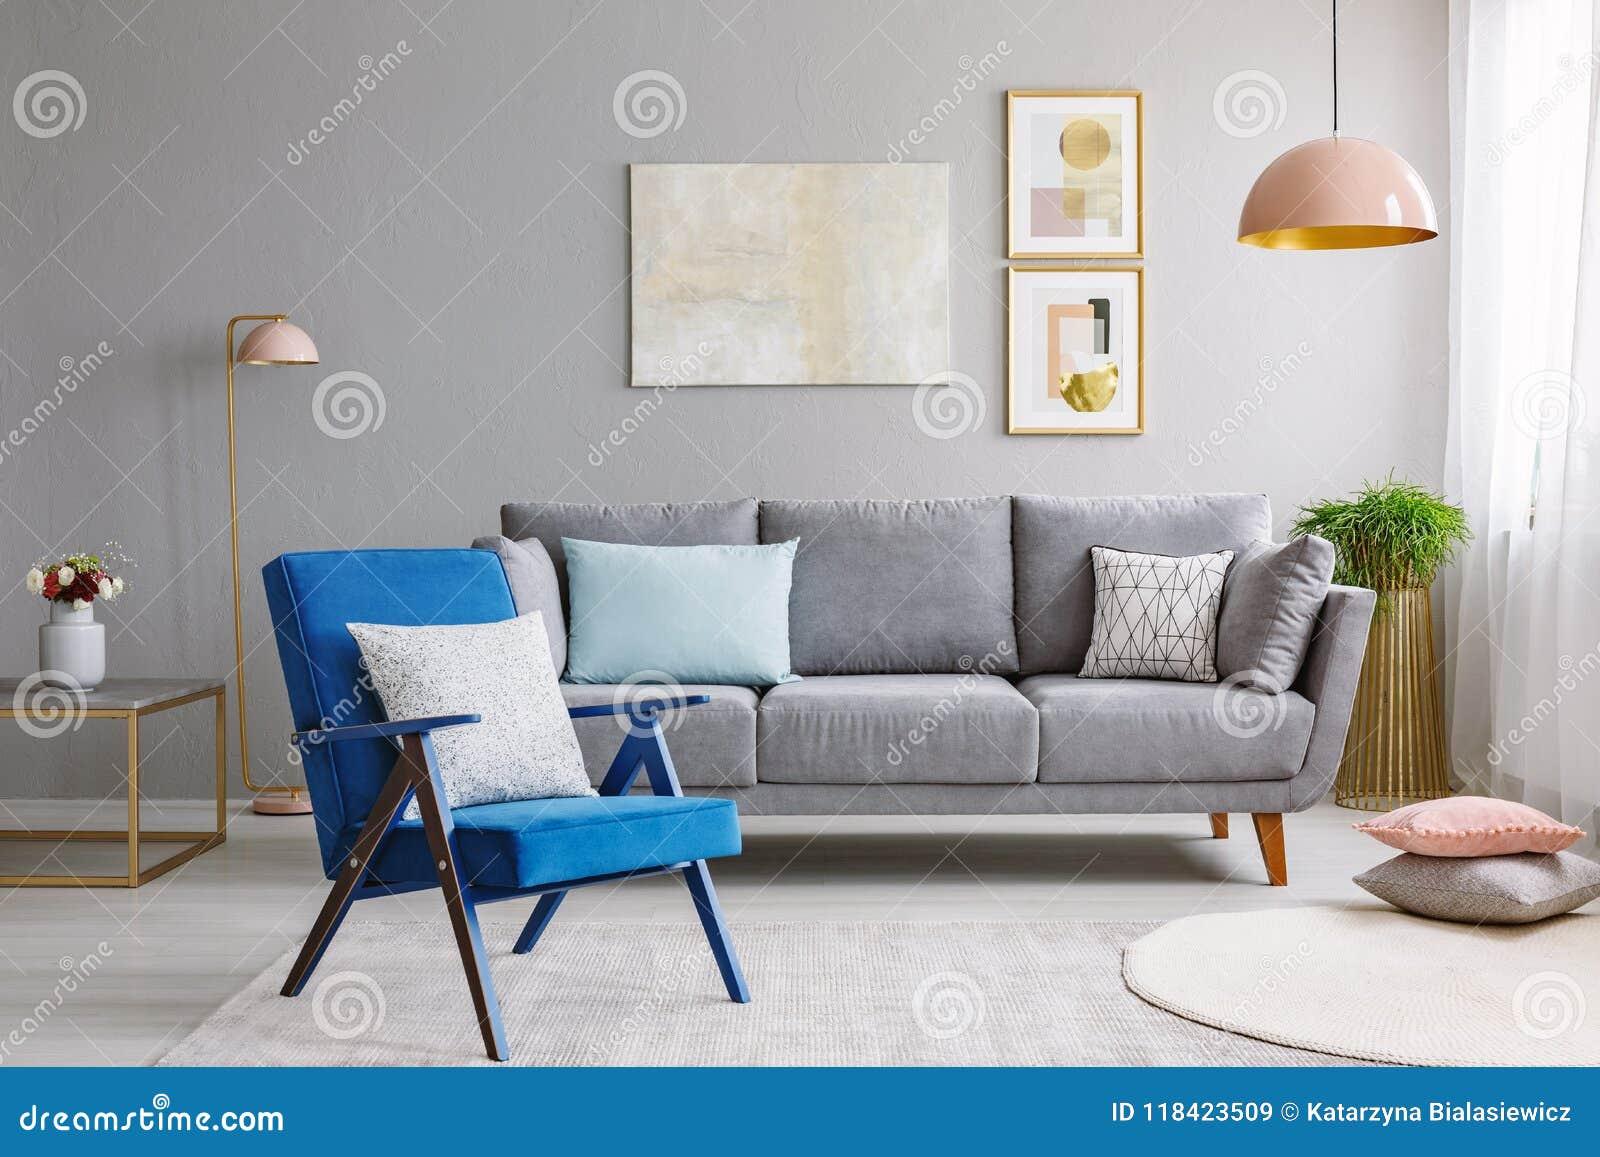 Blå fåtölj nära grå soffa i moderna vardagsruminrewi